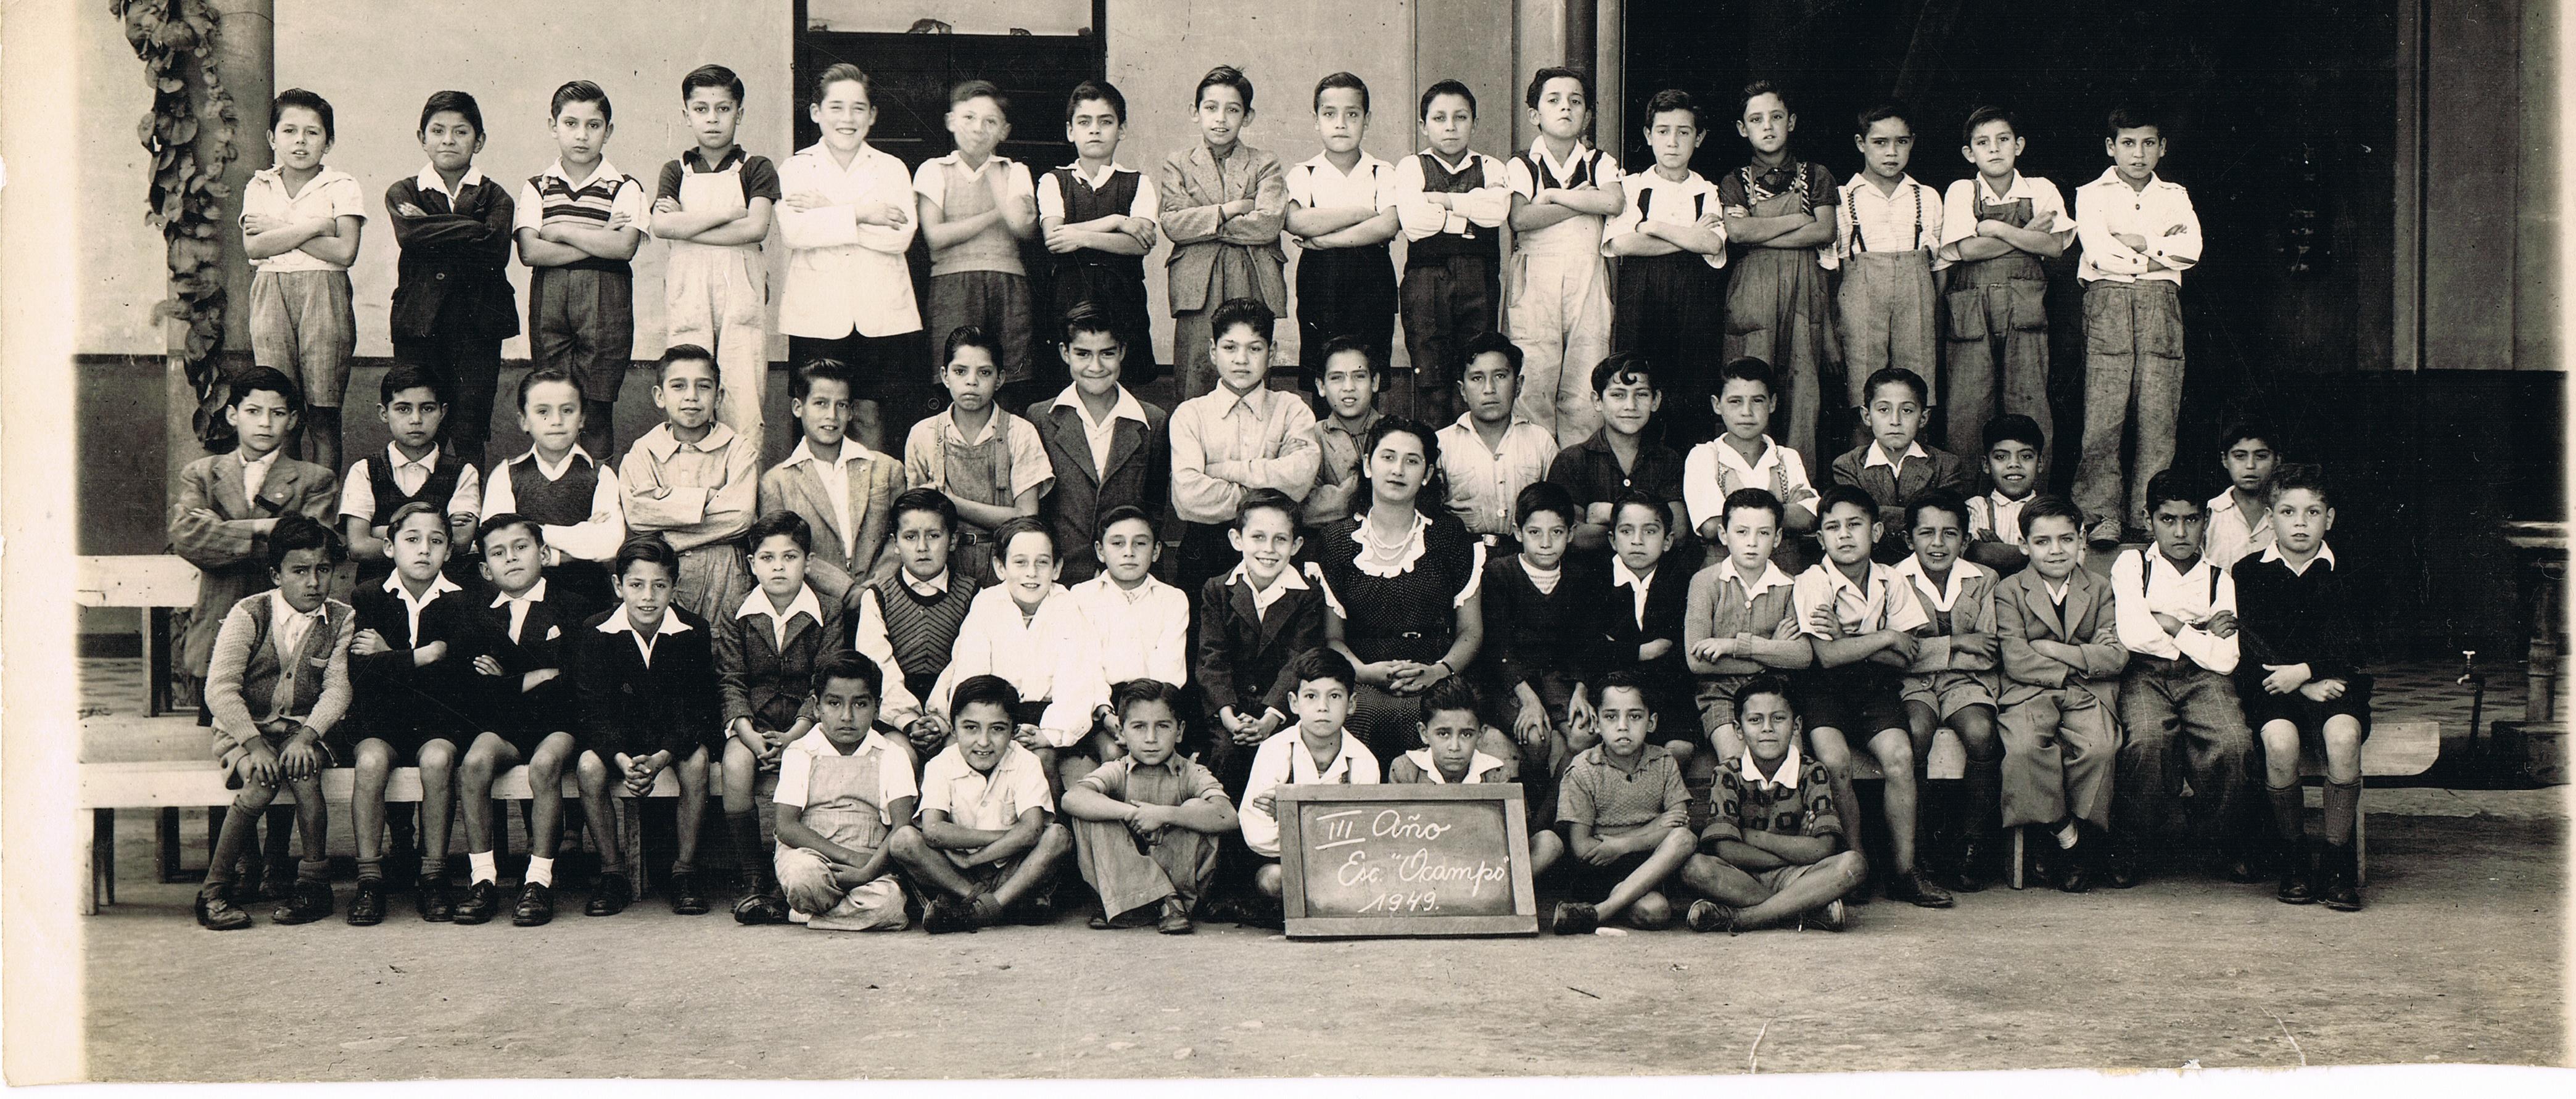 Enterreno - Fotos históricas de chile - fotos antiguas de Chile - Tercer año de la Escuela Ocampo, Santiago, 1949